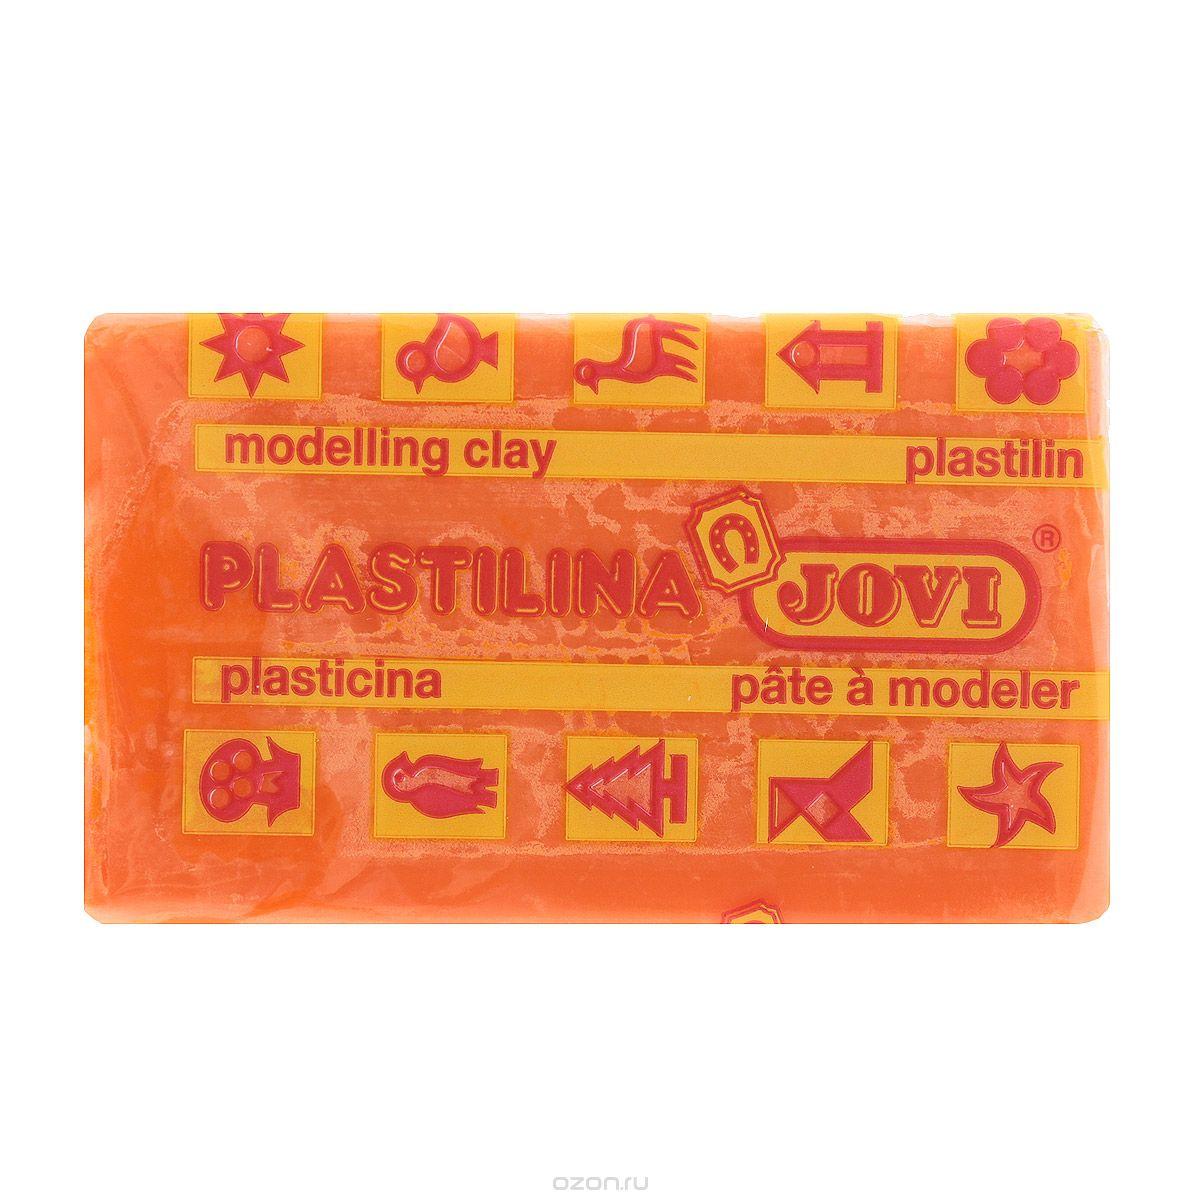 Jovi Пластилин, цвет: оранжевый, 50 г70/30U_оранжевыйПластилин Jovi - лучший выбор для лепки, он обладает превосходными изобразительными возможностями и поэтому дает простор воображению и самым смелым творческим замыслам. Пластилин, изготовленный на растительной основе, очень мягкий, легко разминается и смешивается, не пачкает руки и не прилипает к рабочей поверхности. Пластилин пригоден для создания аппликаций и поделок, ручной лепки, моделирования на каркасе, пластилиновой живописи - рисовании пластилином по бумаге, картону, дереву или текстилю. Пластические свойства сохраняются в течение 5 лет.